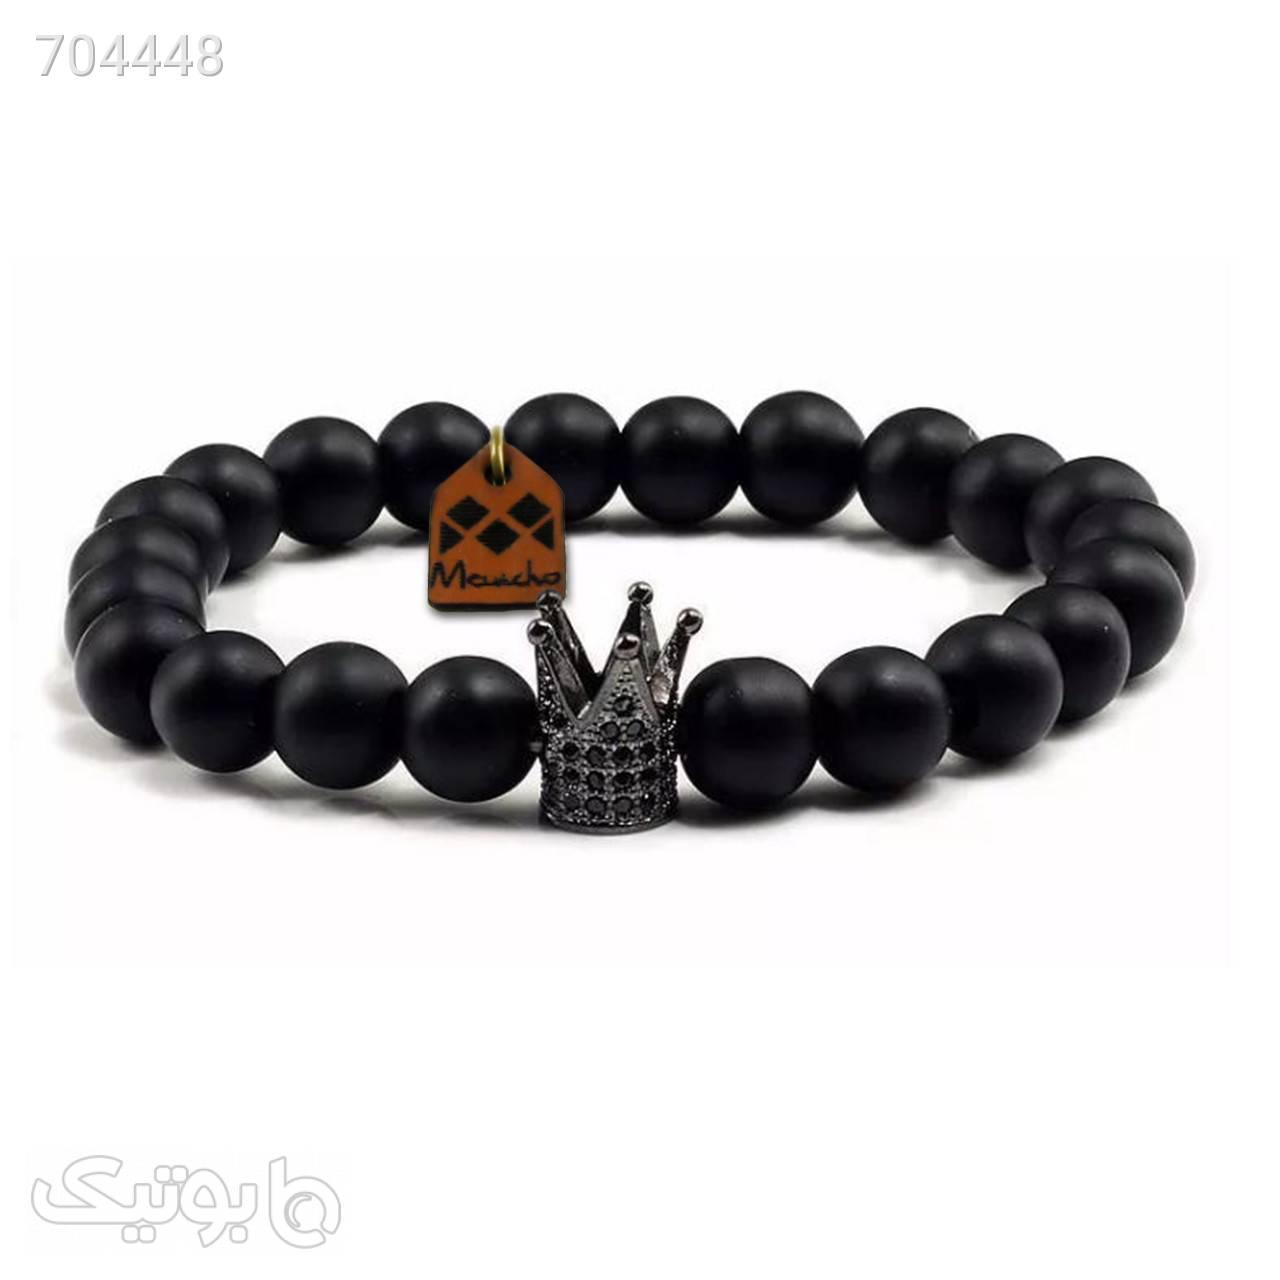 دستبند مهره ای مانچو طرح تاج مدل bf691n مشکی دستبند و پابند